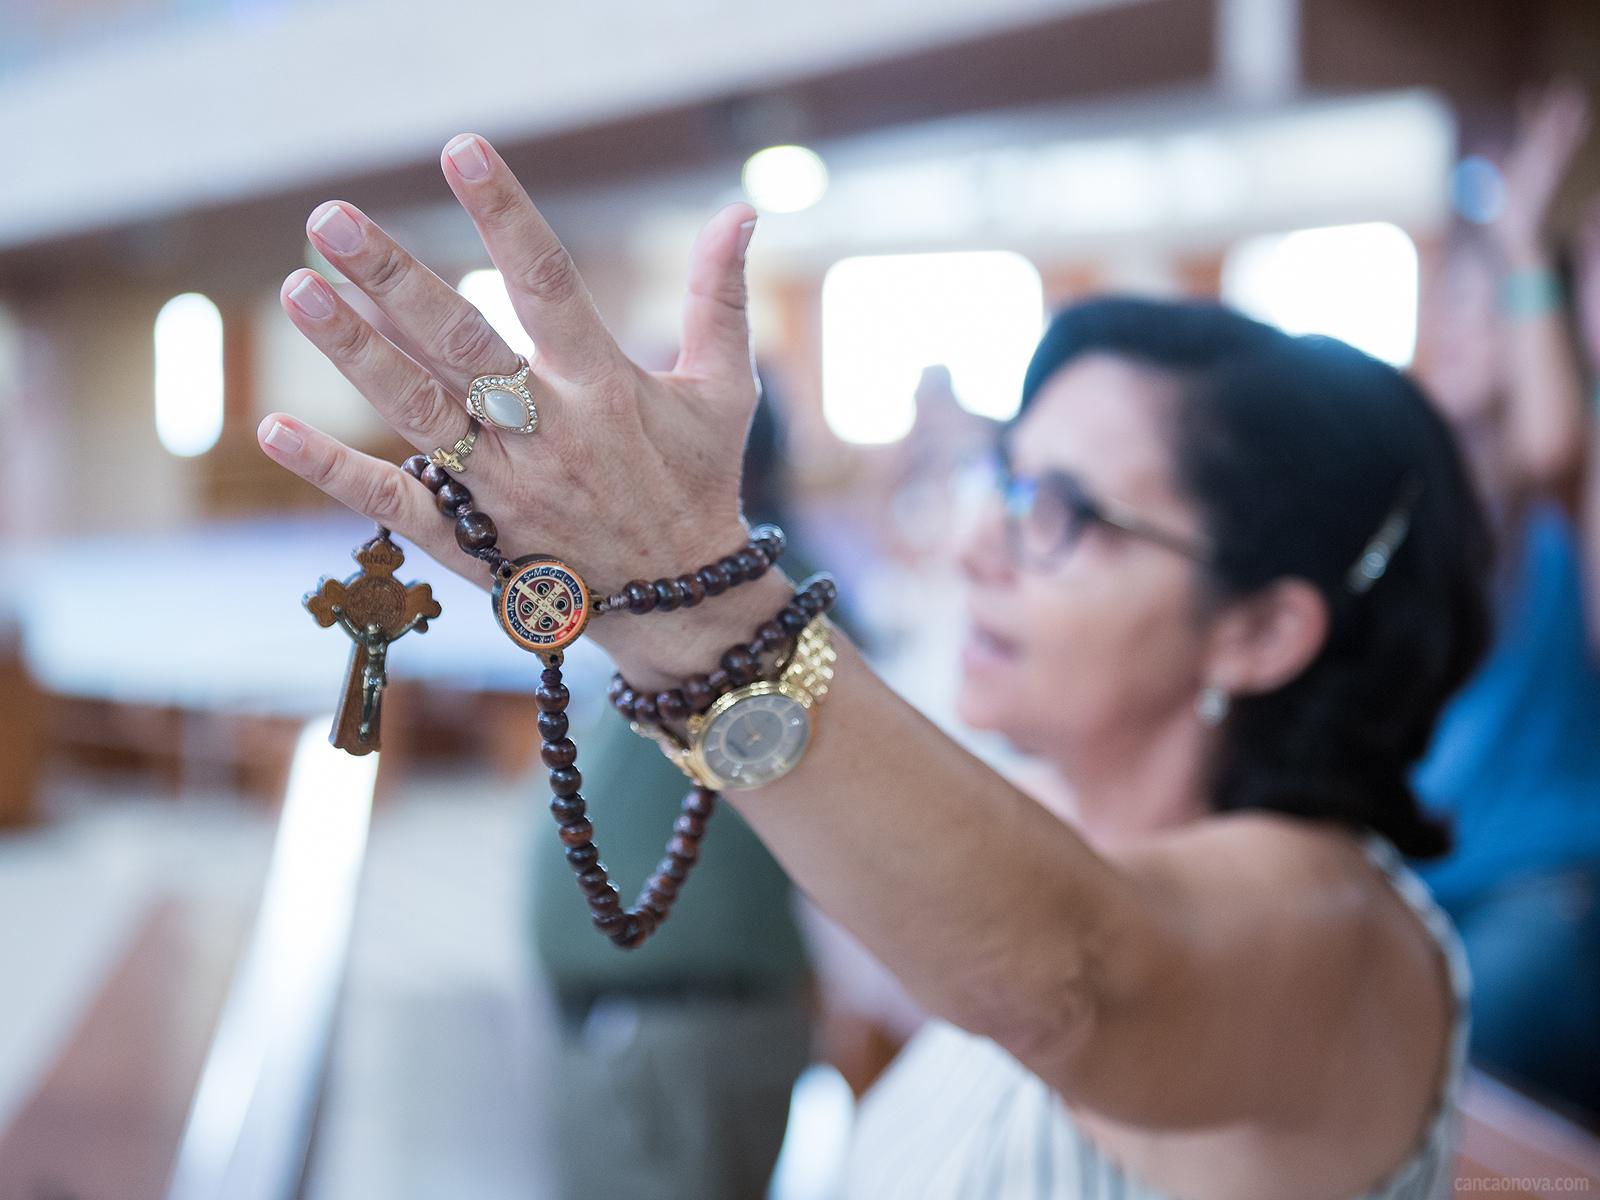 O que é obediência para o cristão?